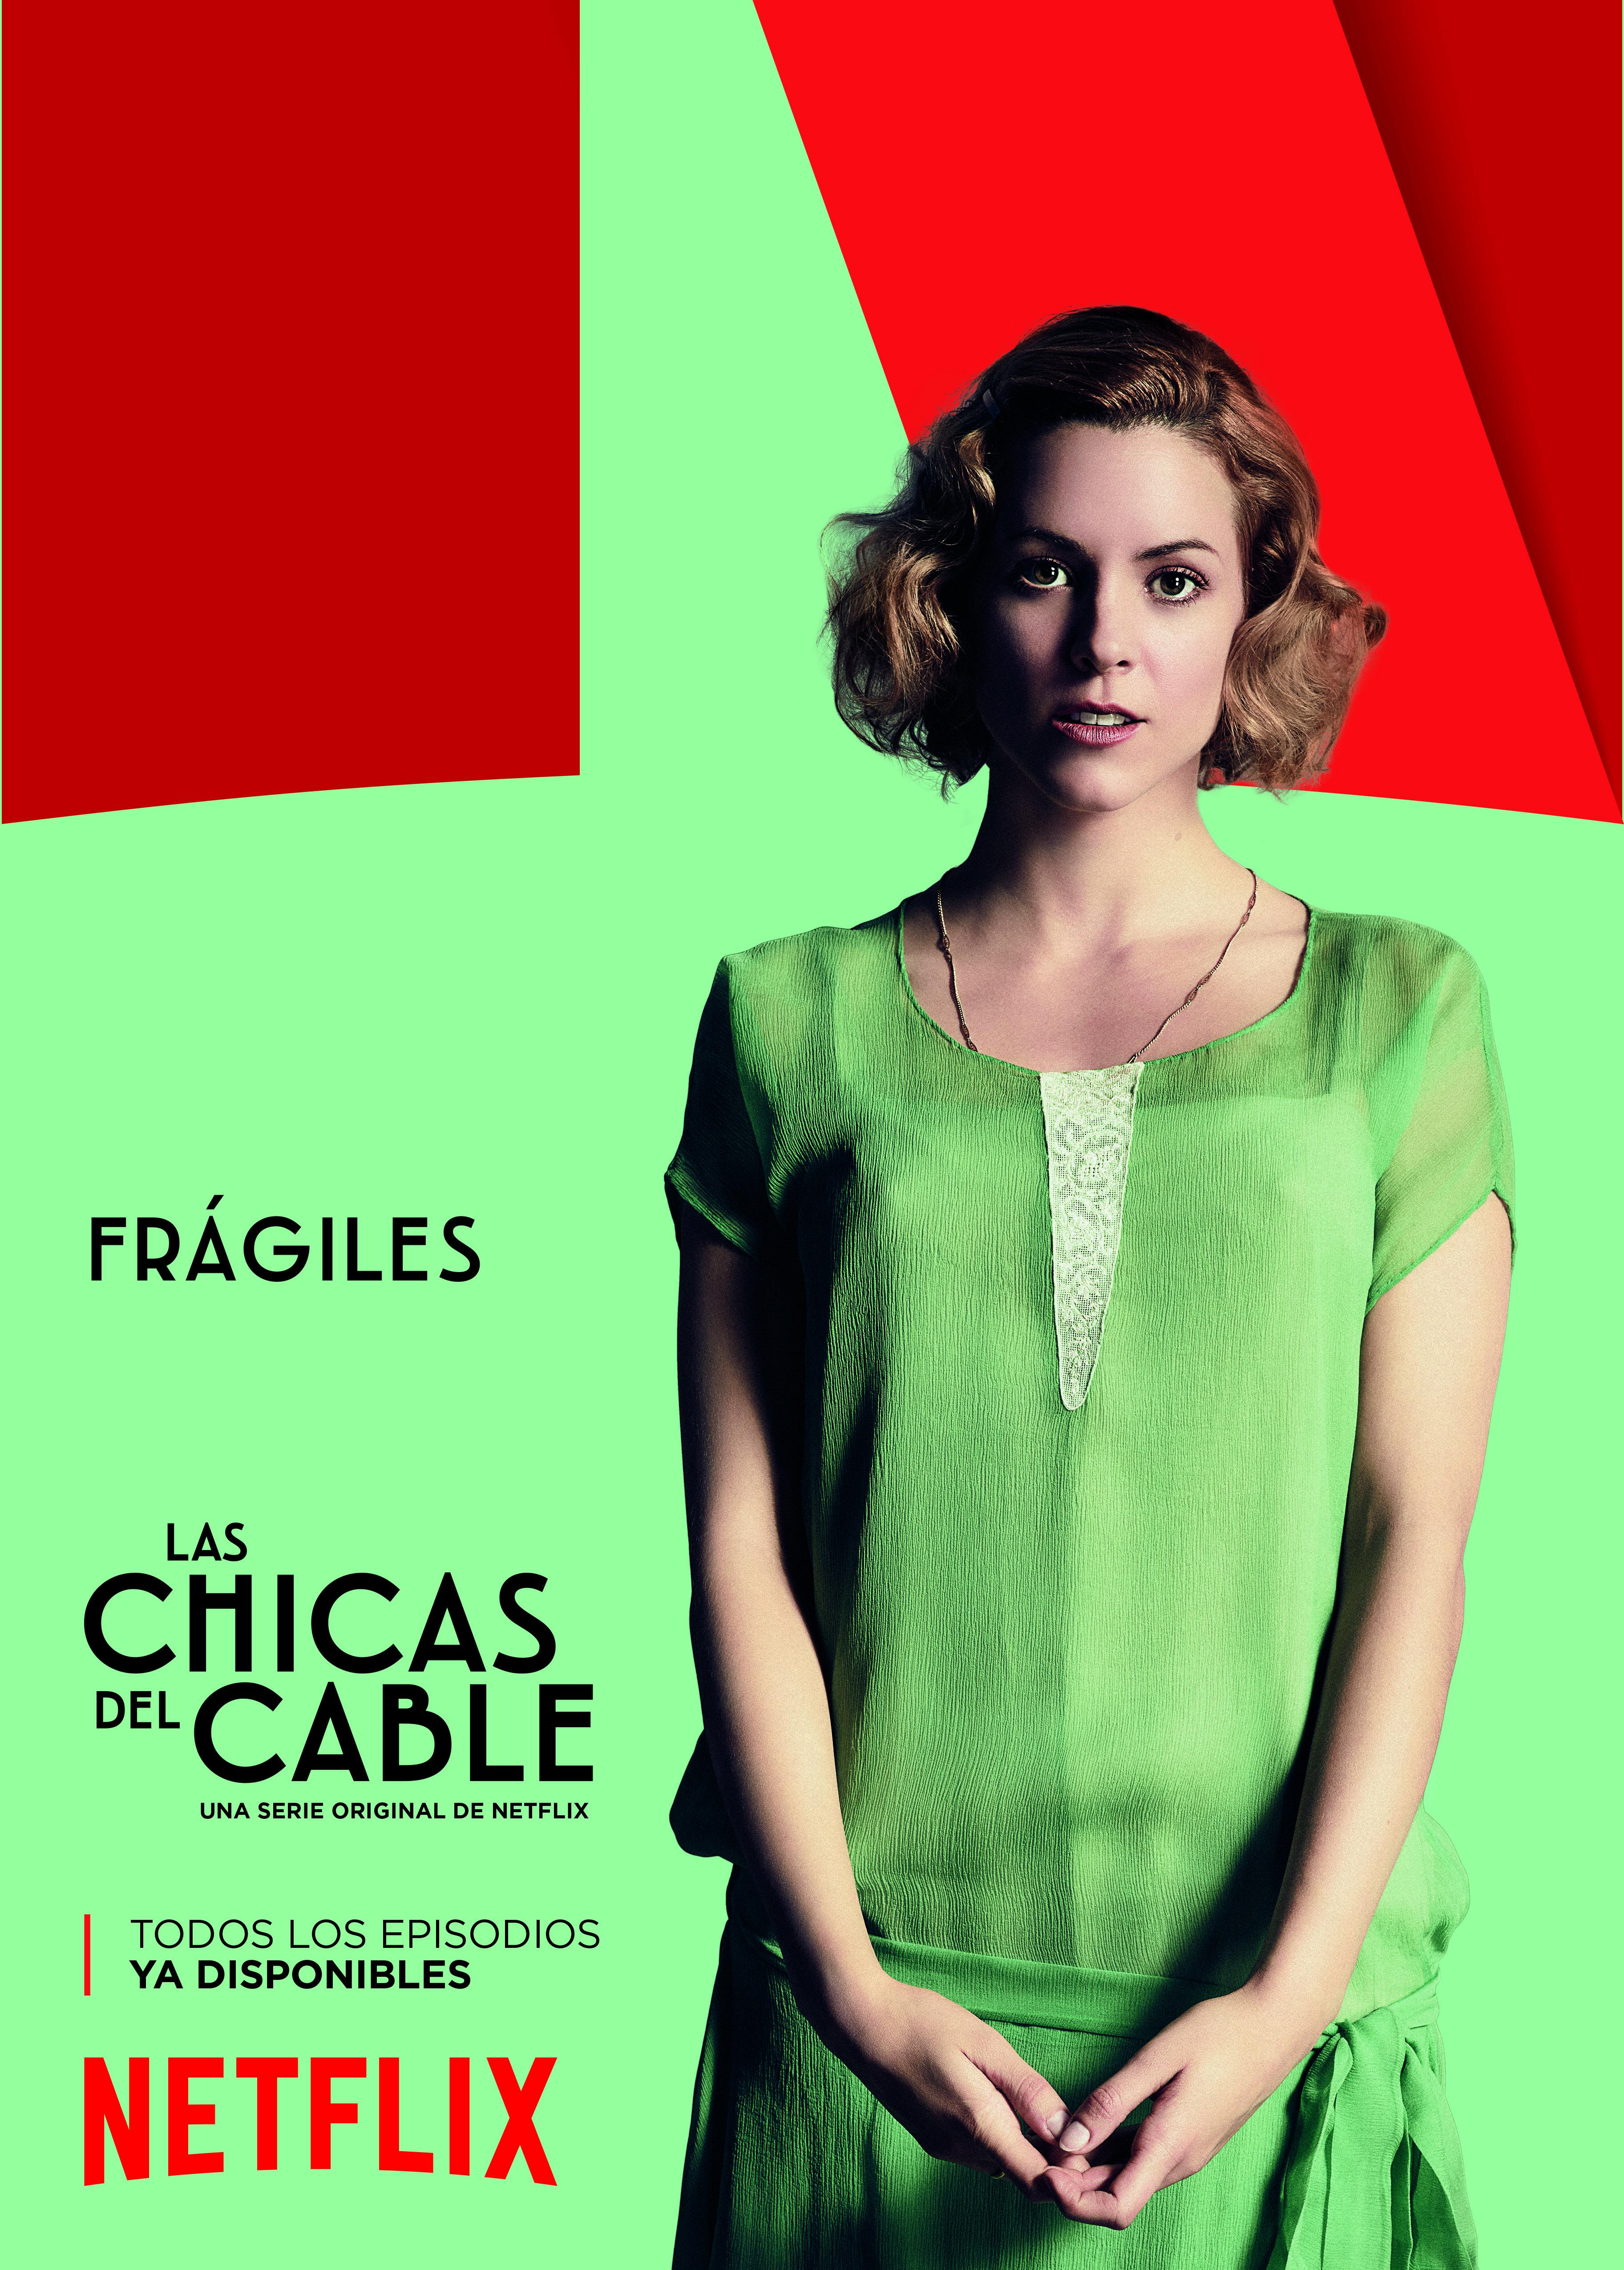 las_chicas_del_cable_Netflix_mondo_sonoro_Fragiles_pegada_carteles